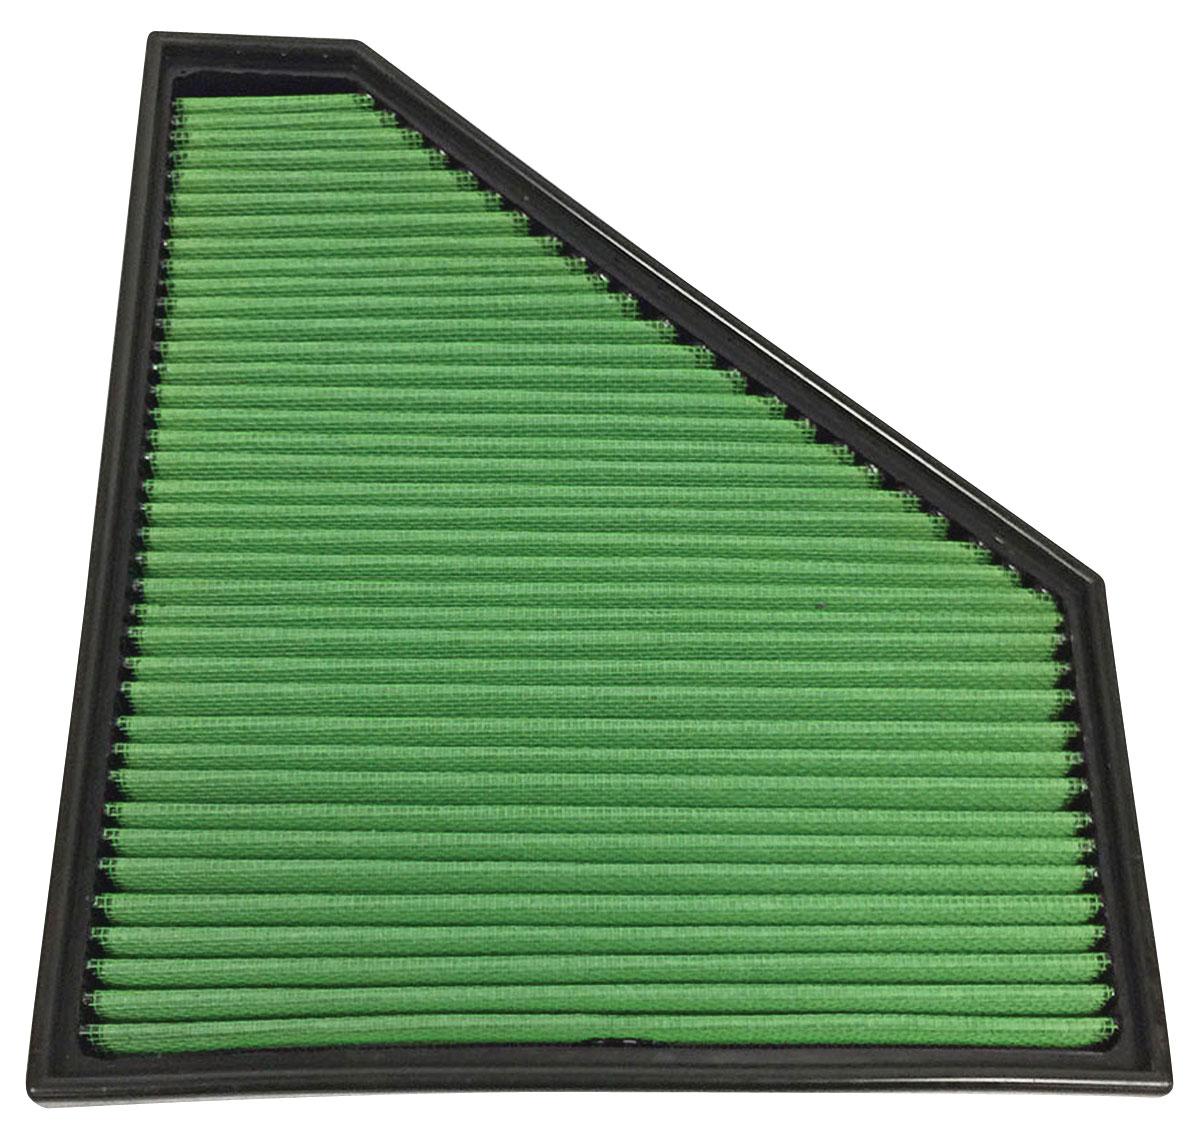 Air Filter, Green Filter, 2013-17 ATS 2.0L/2.5L/3.6L, 14-18 CTS 2.0L/3.6L